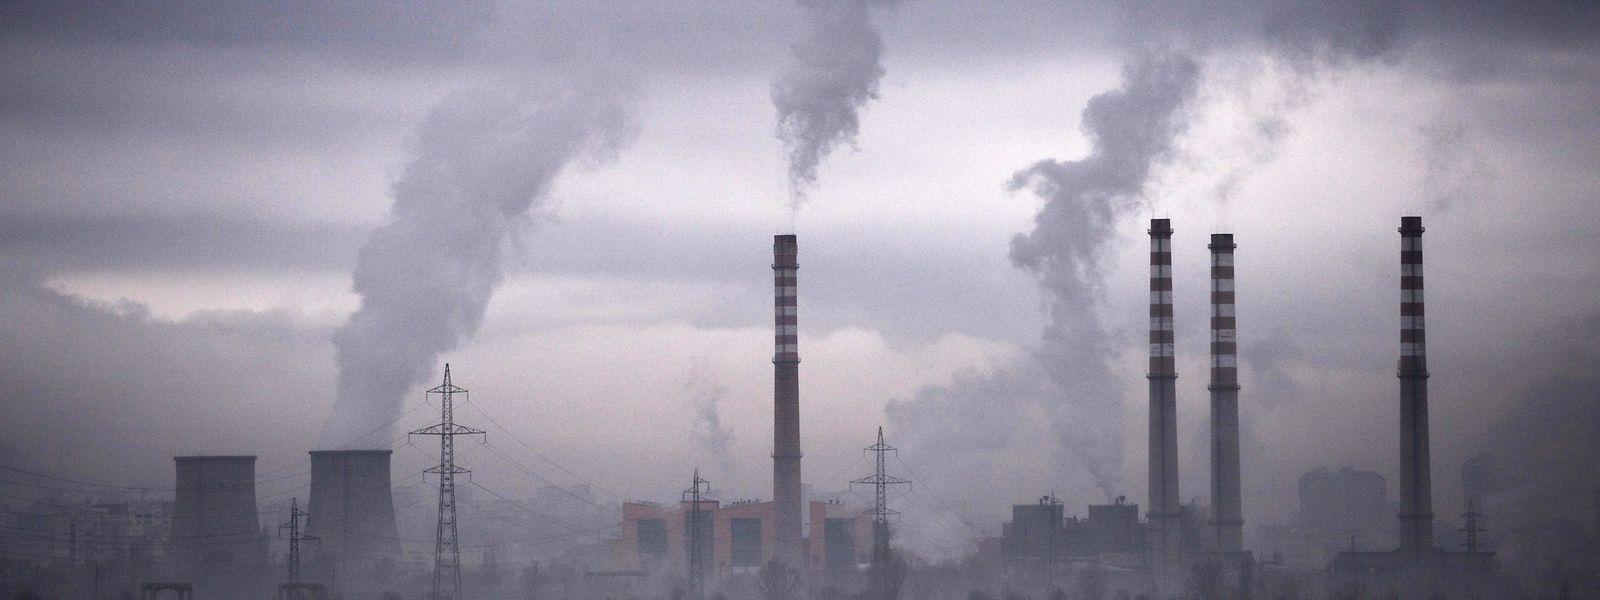 L'Union européenne devrait réduire ses émissions de 55% d'ici 2030 pour atteindre la neutralité carbone d'ici 2050.